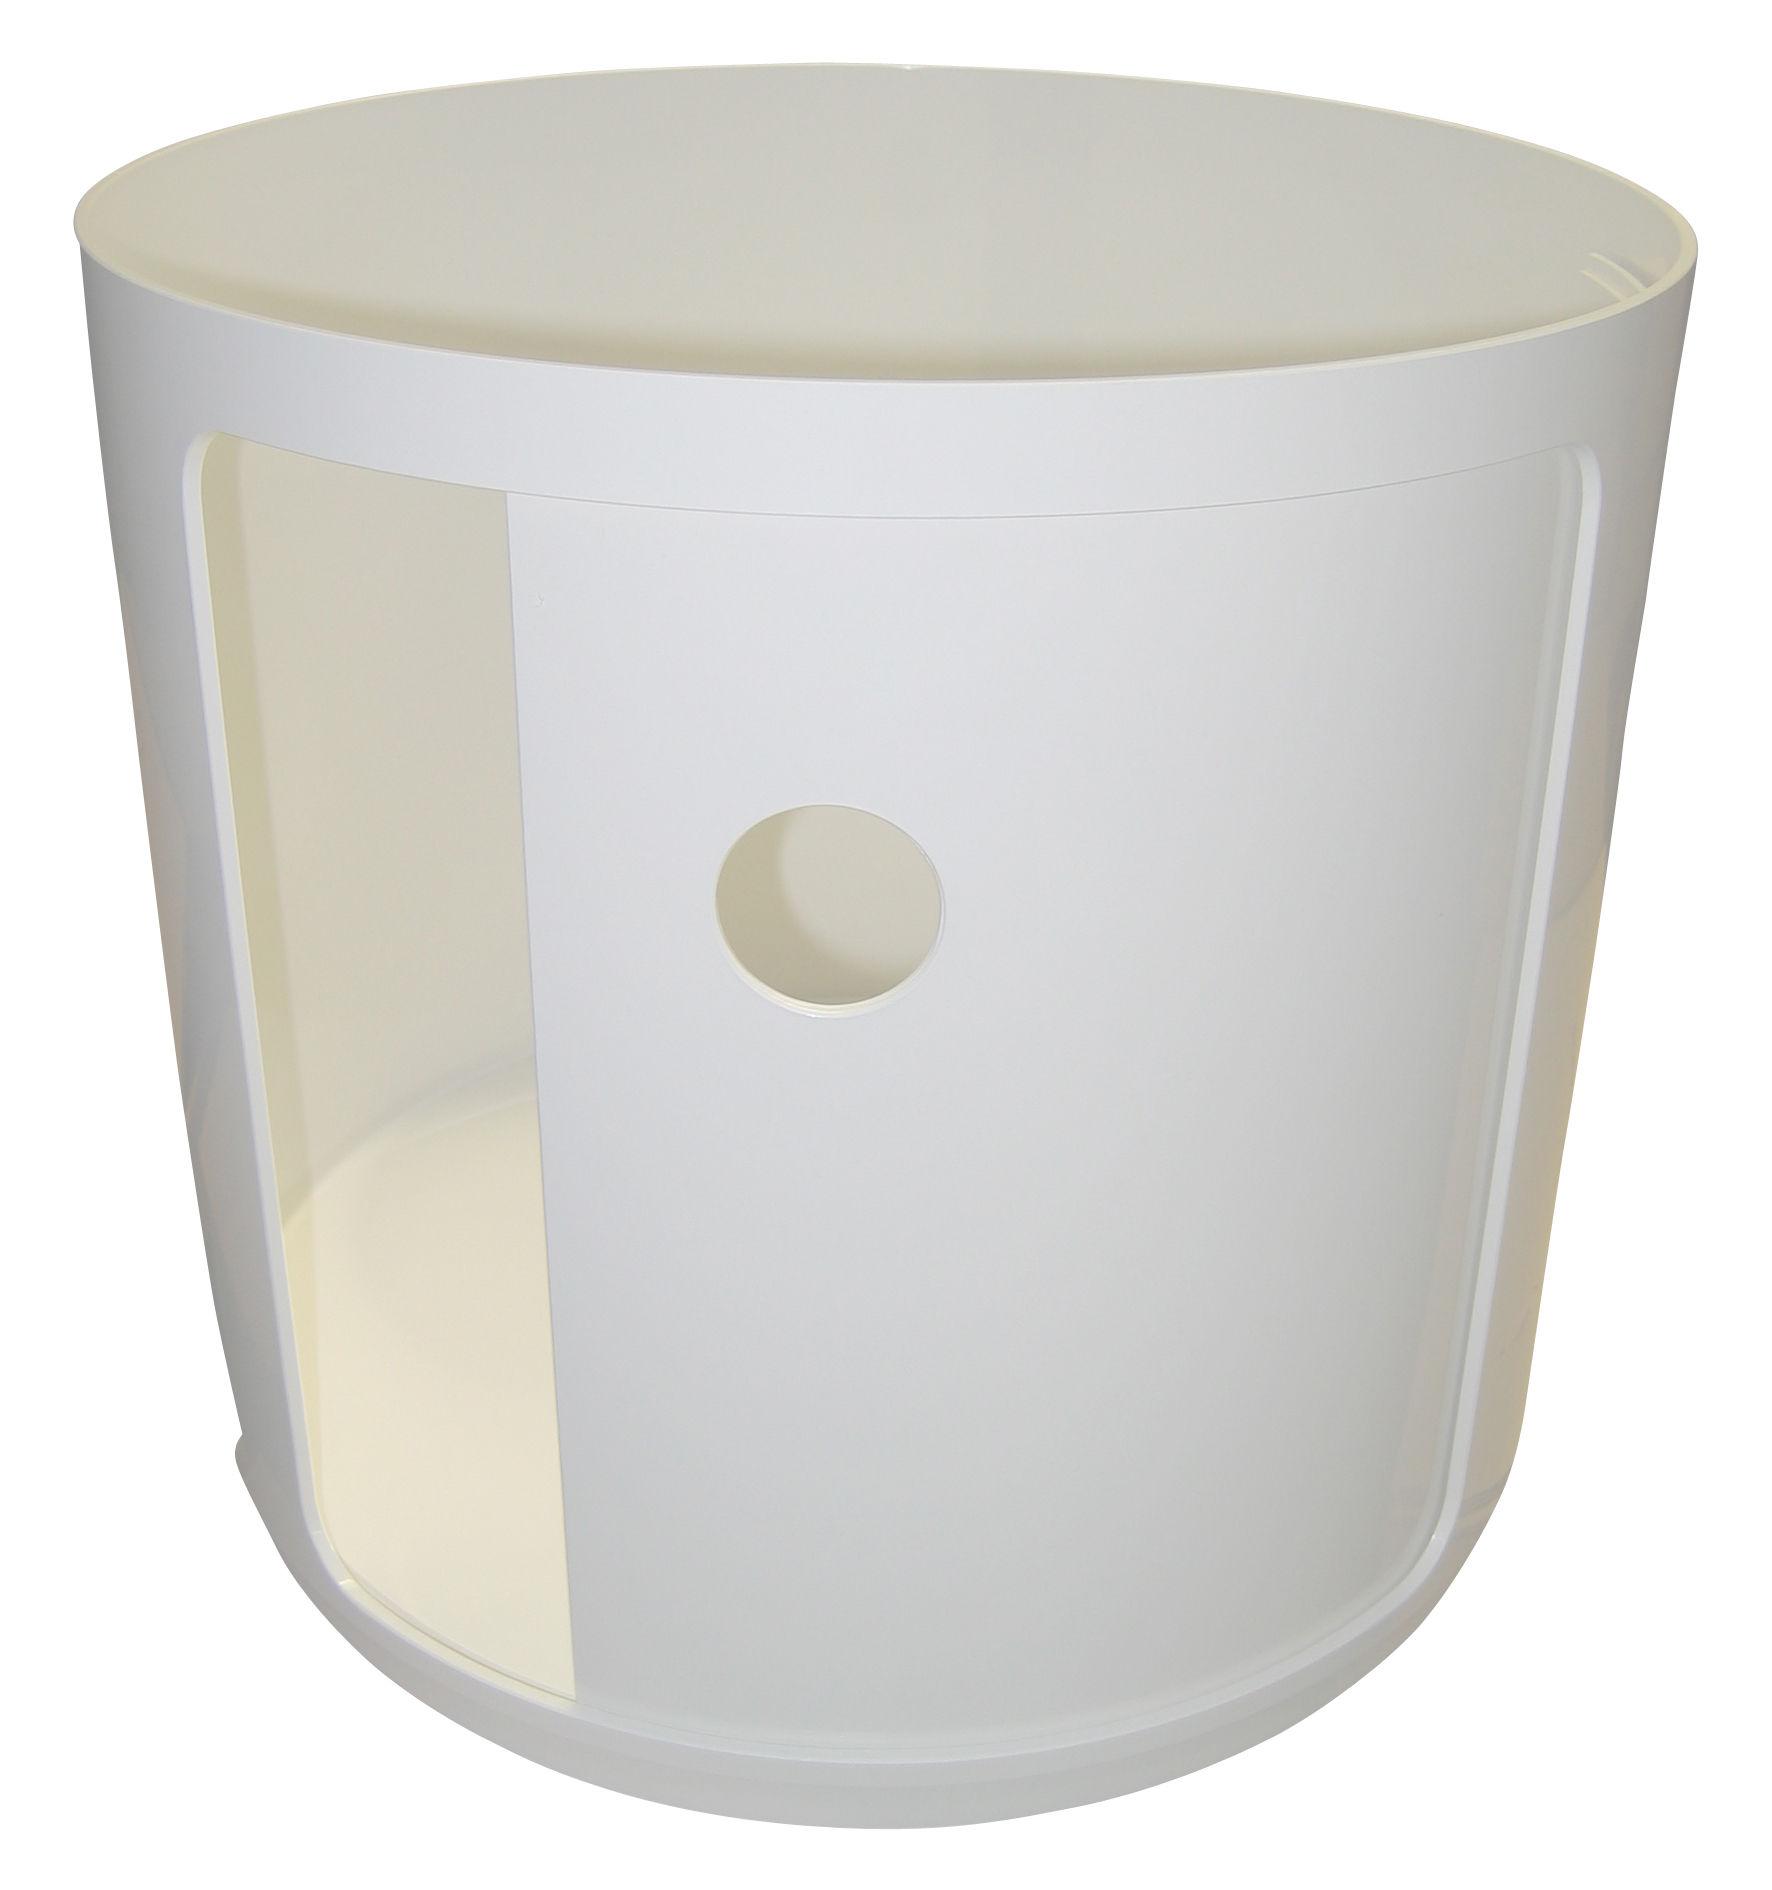 Möbel - Möbel für Teens - Componibili Ablage - Kartell - Weiß - ABS